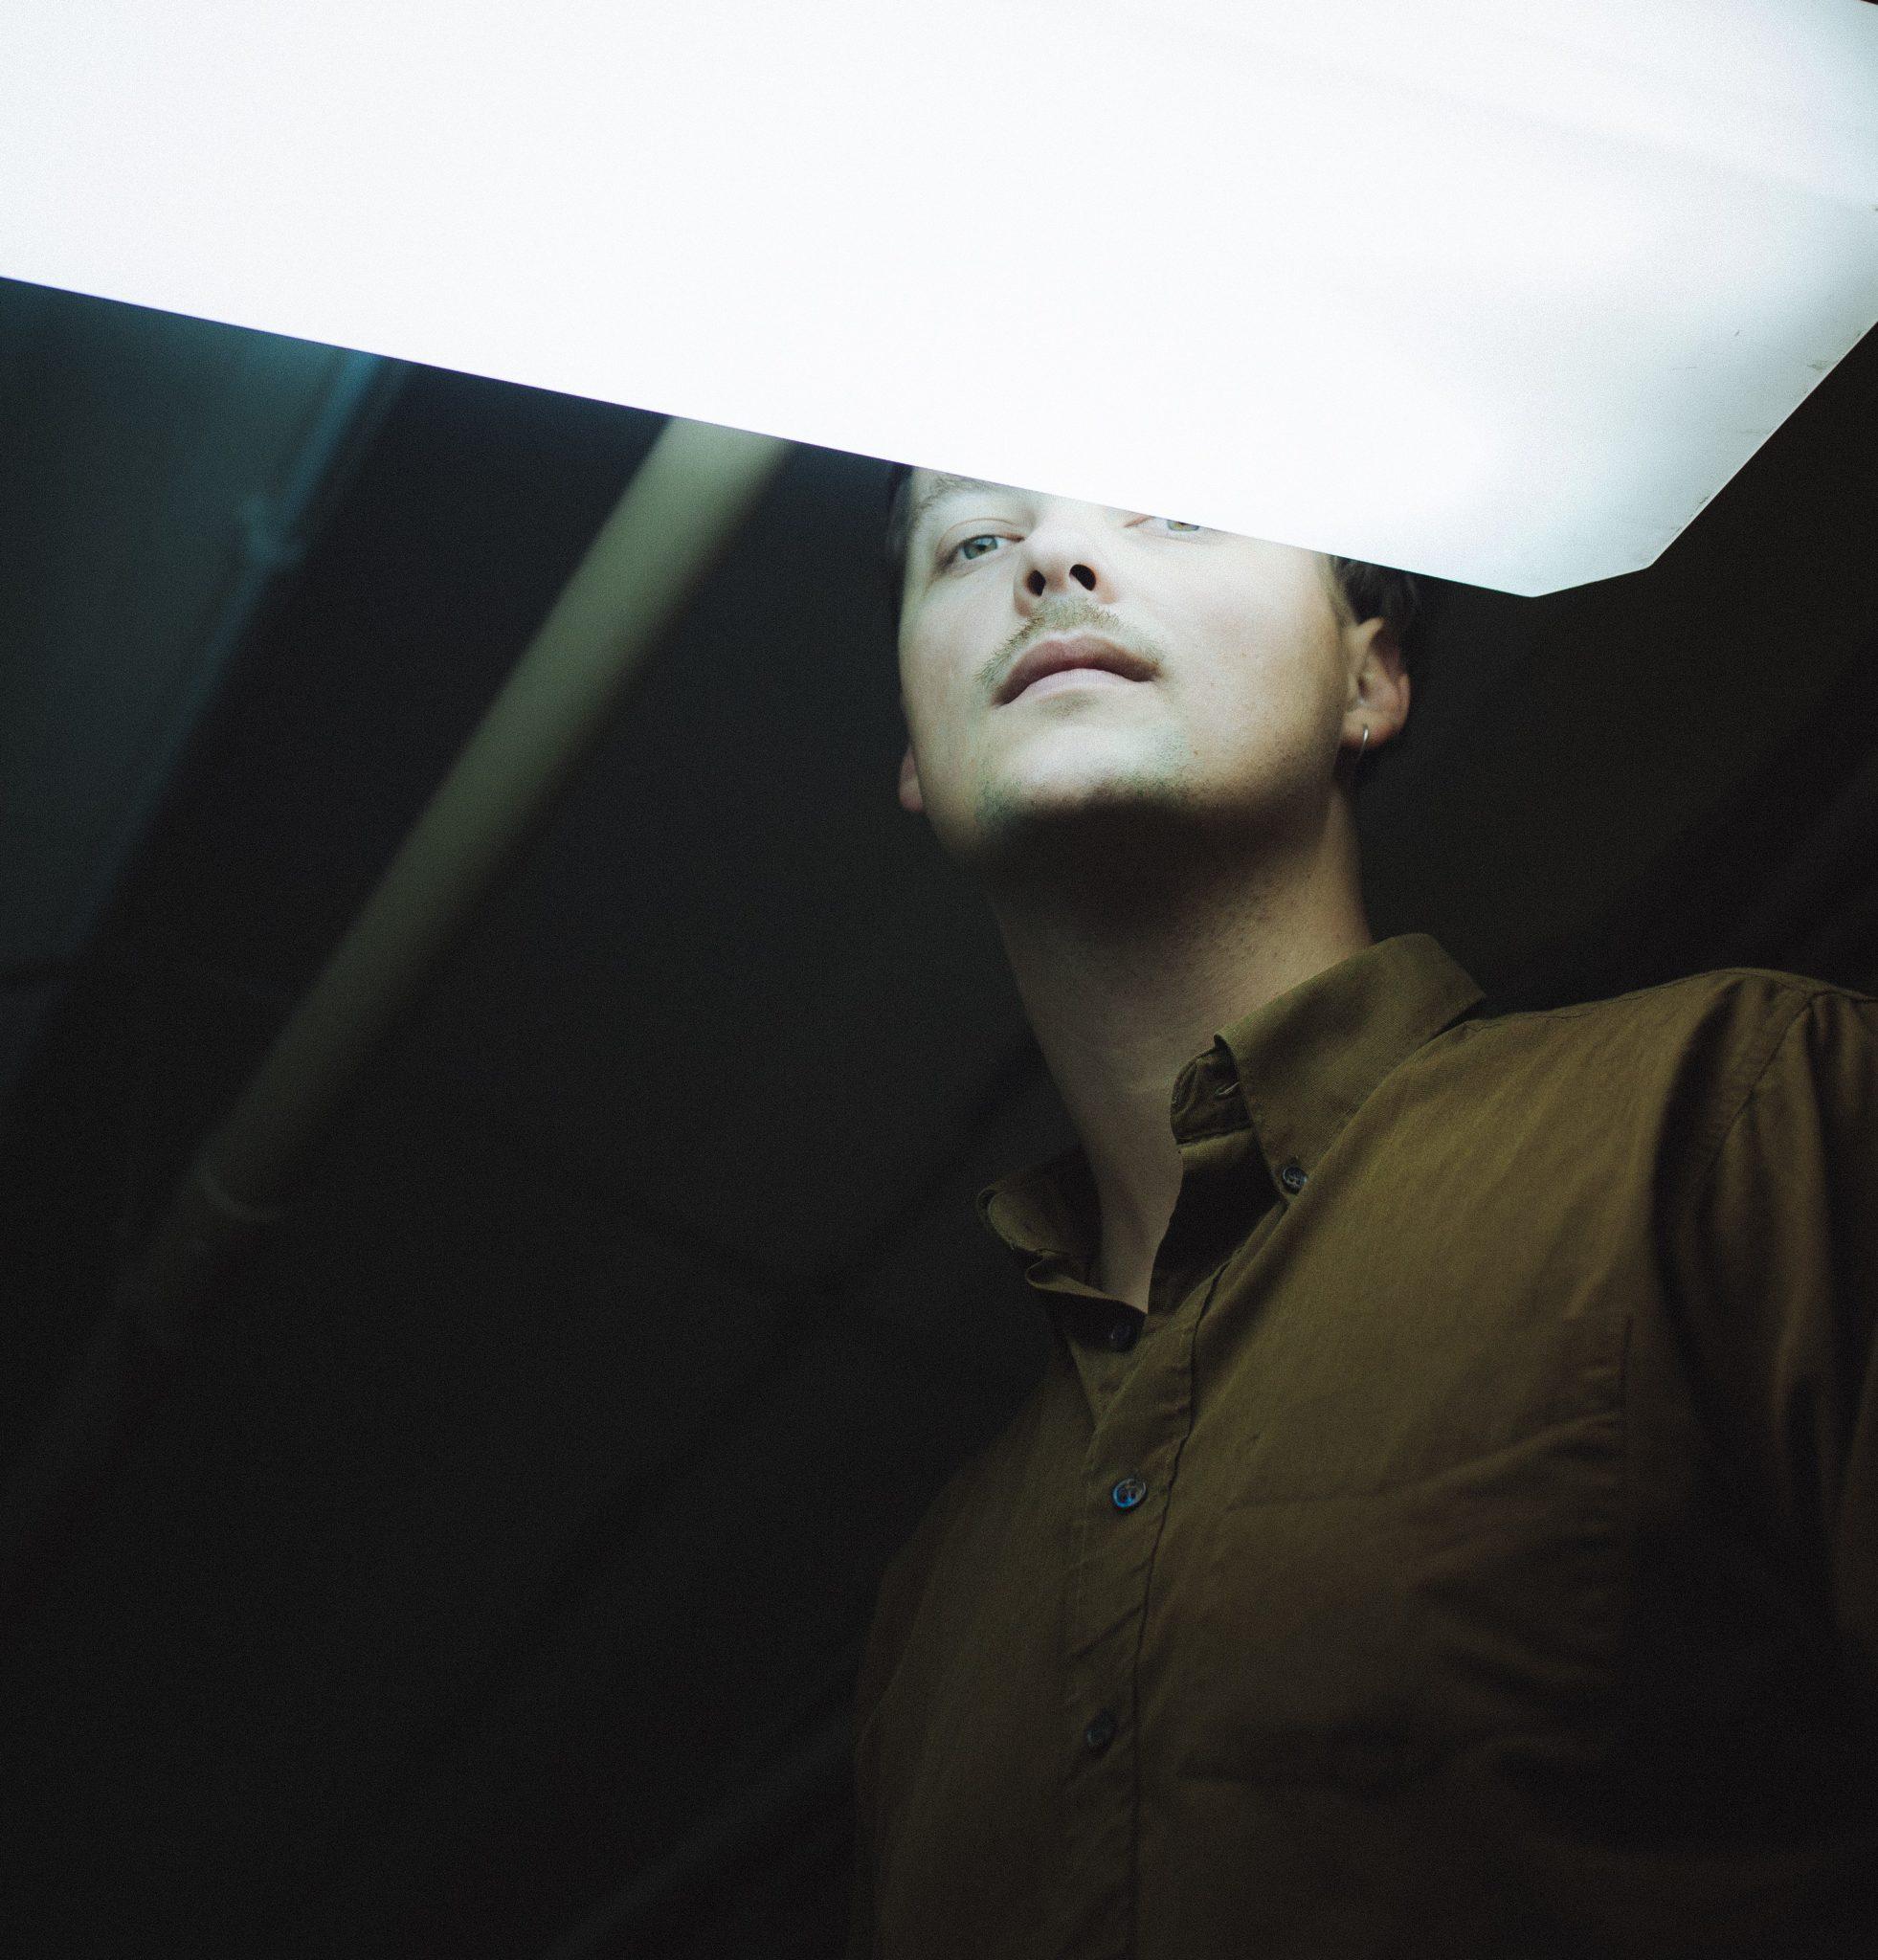 Na zdjeciu widzimy mlodego mezyczyzne sfotografowanego od dolu polowe twarzy przykrywa lampa